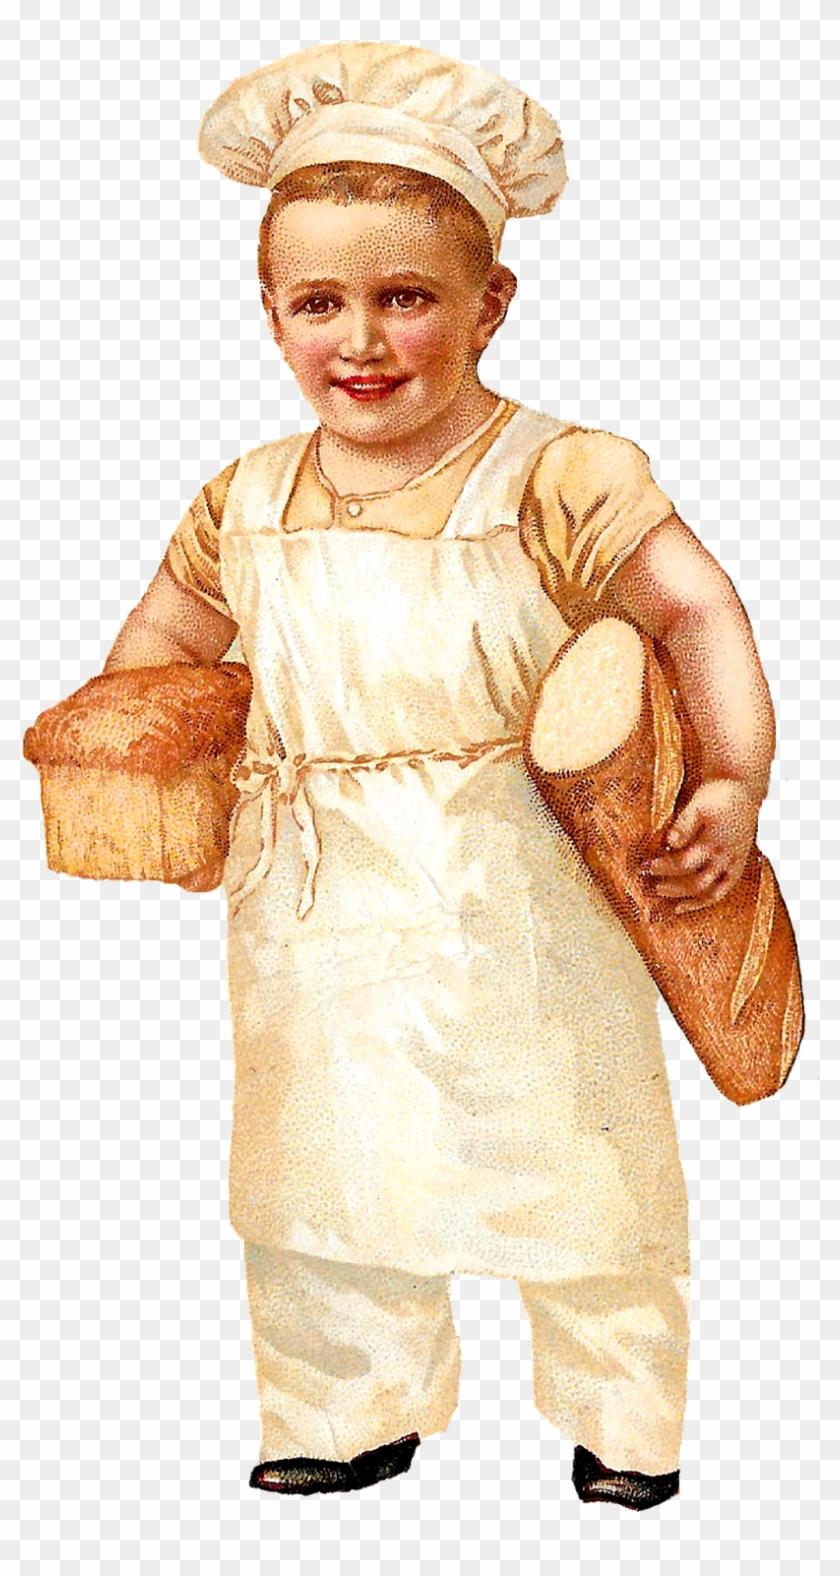 Bread Baker Baking Boy Image Vintage Illustration Clipart - Baking Clipart Boy - Png Download #5259051